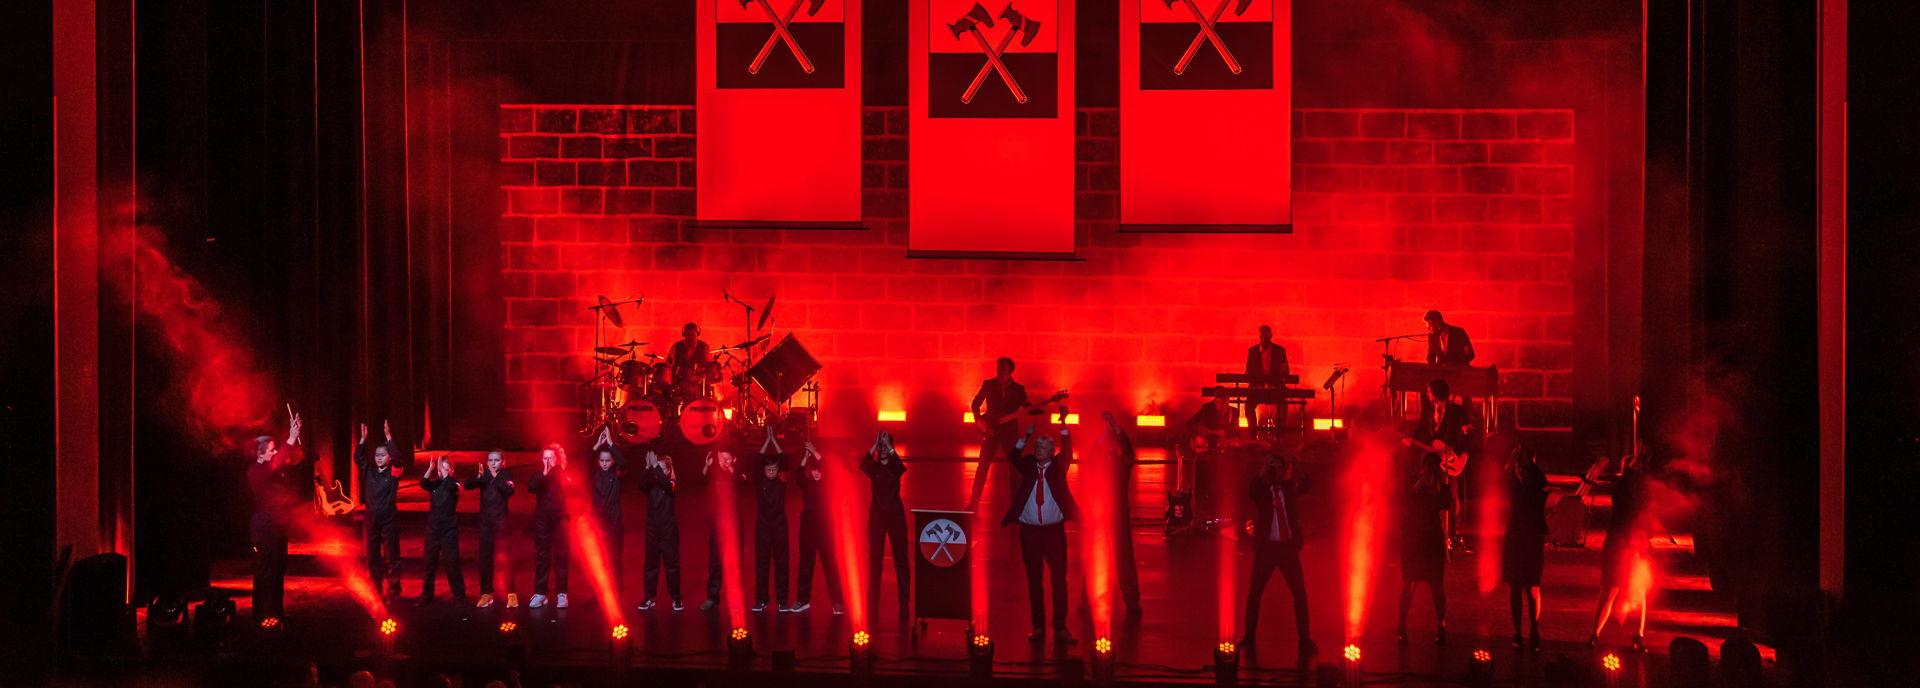 Pink Floyd Project is een unieke ode aan één van de meest invloedrijke rockbands uit de popgeschiedenis en staat bekend om hun imposante show vol licht, visuals en special effects.